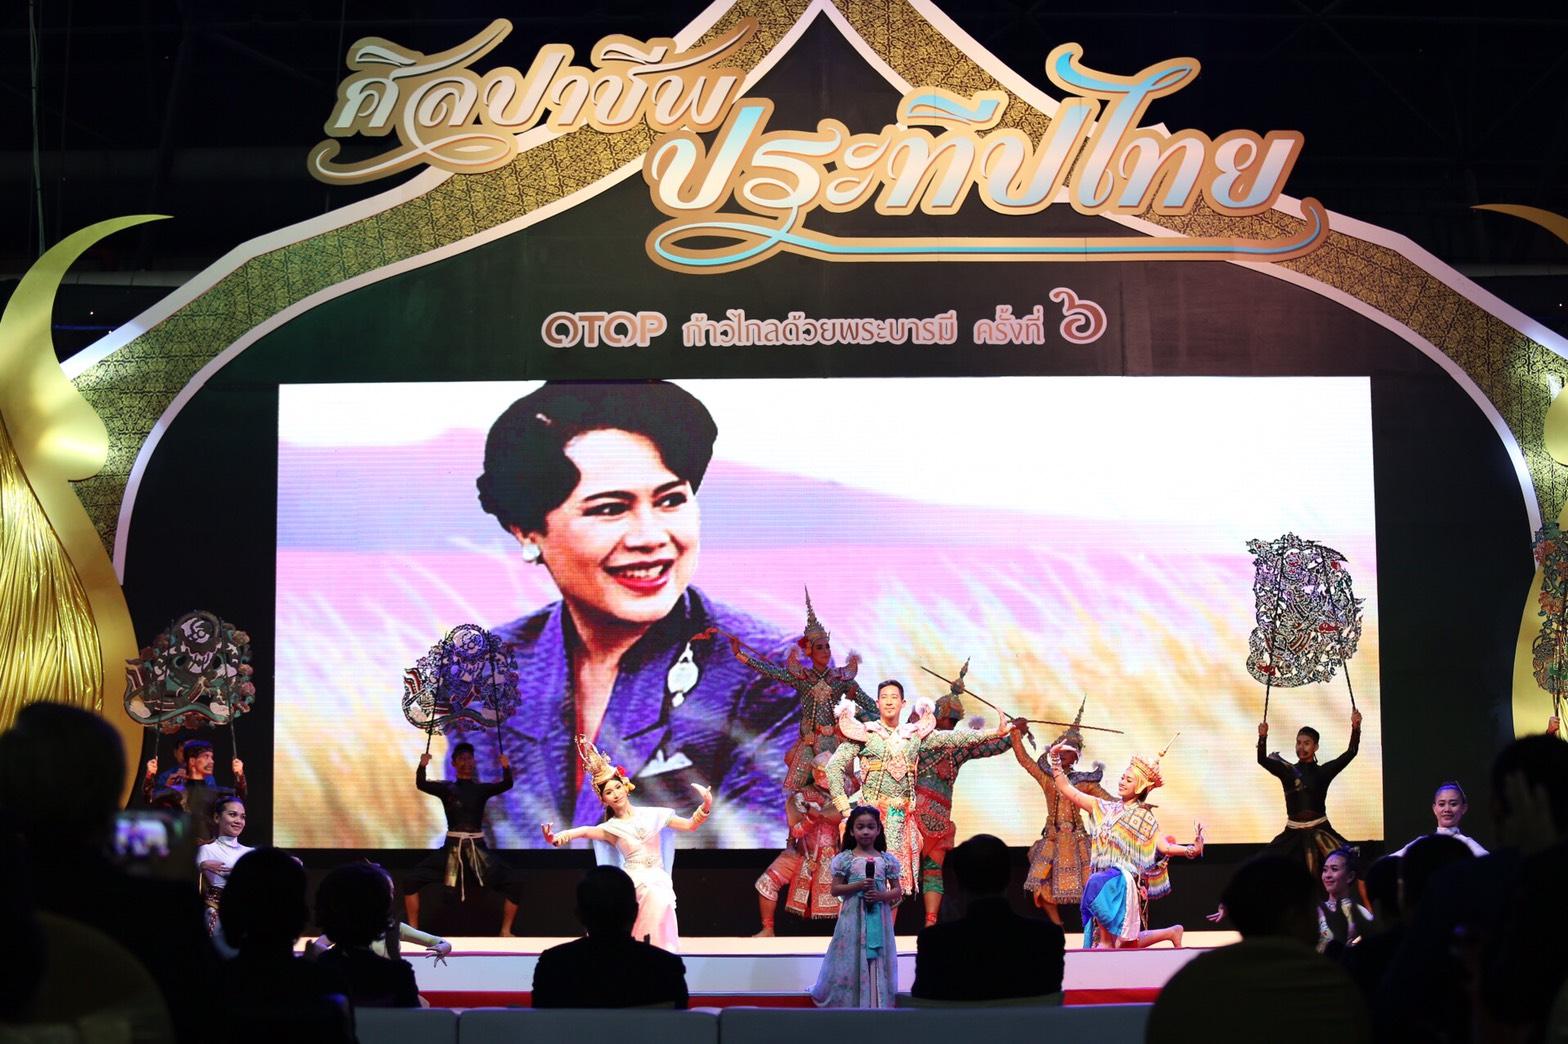 """เวทีกิจกรรมภายในงาน""""ศิลปาชีพ ประทีปไทย OTOP ก้าวไกล ด้วยพระบารมี : หัตถศิลป์ทรงคุณค่า ภูมิปัญญาความเป็นไทย"""""""